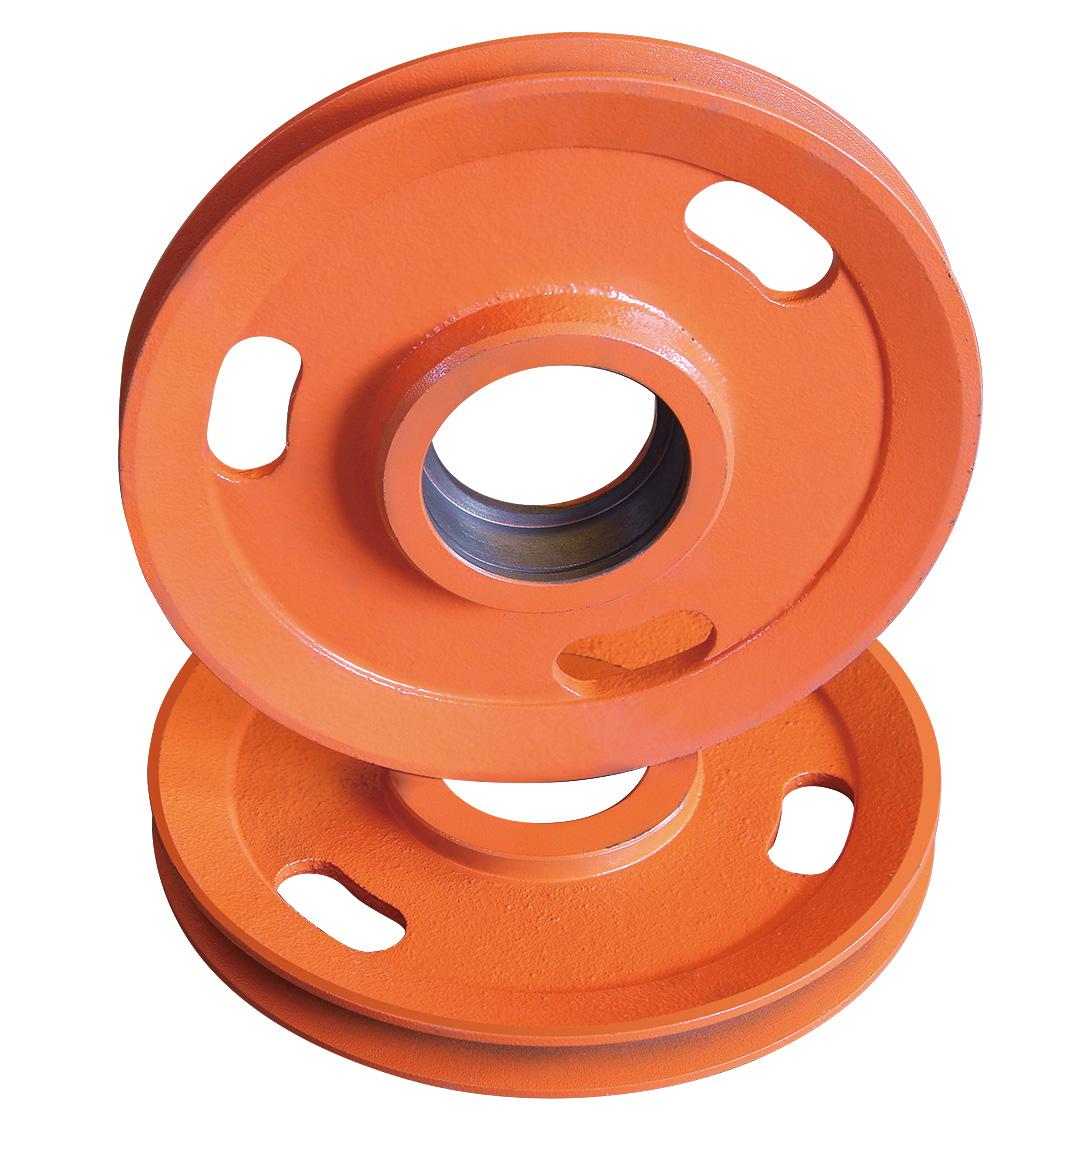 厂家批发国标皮带轮|广东可靠的国标皮带轮供应商是哪家